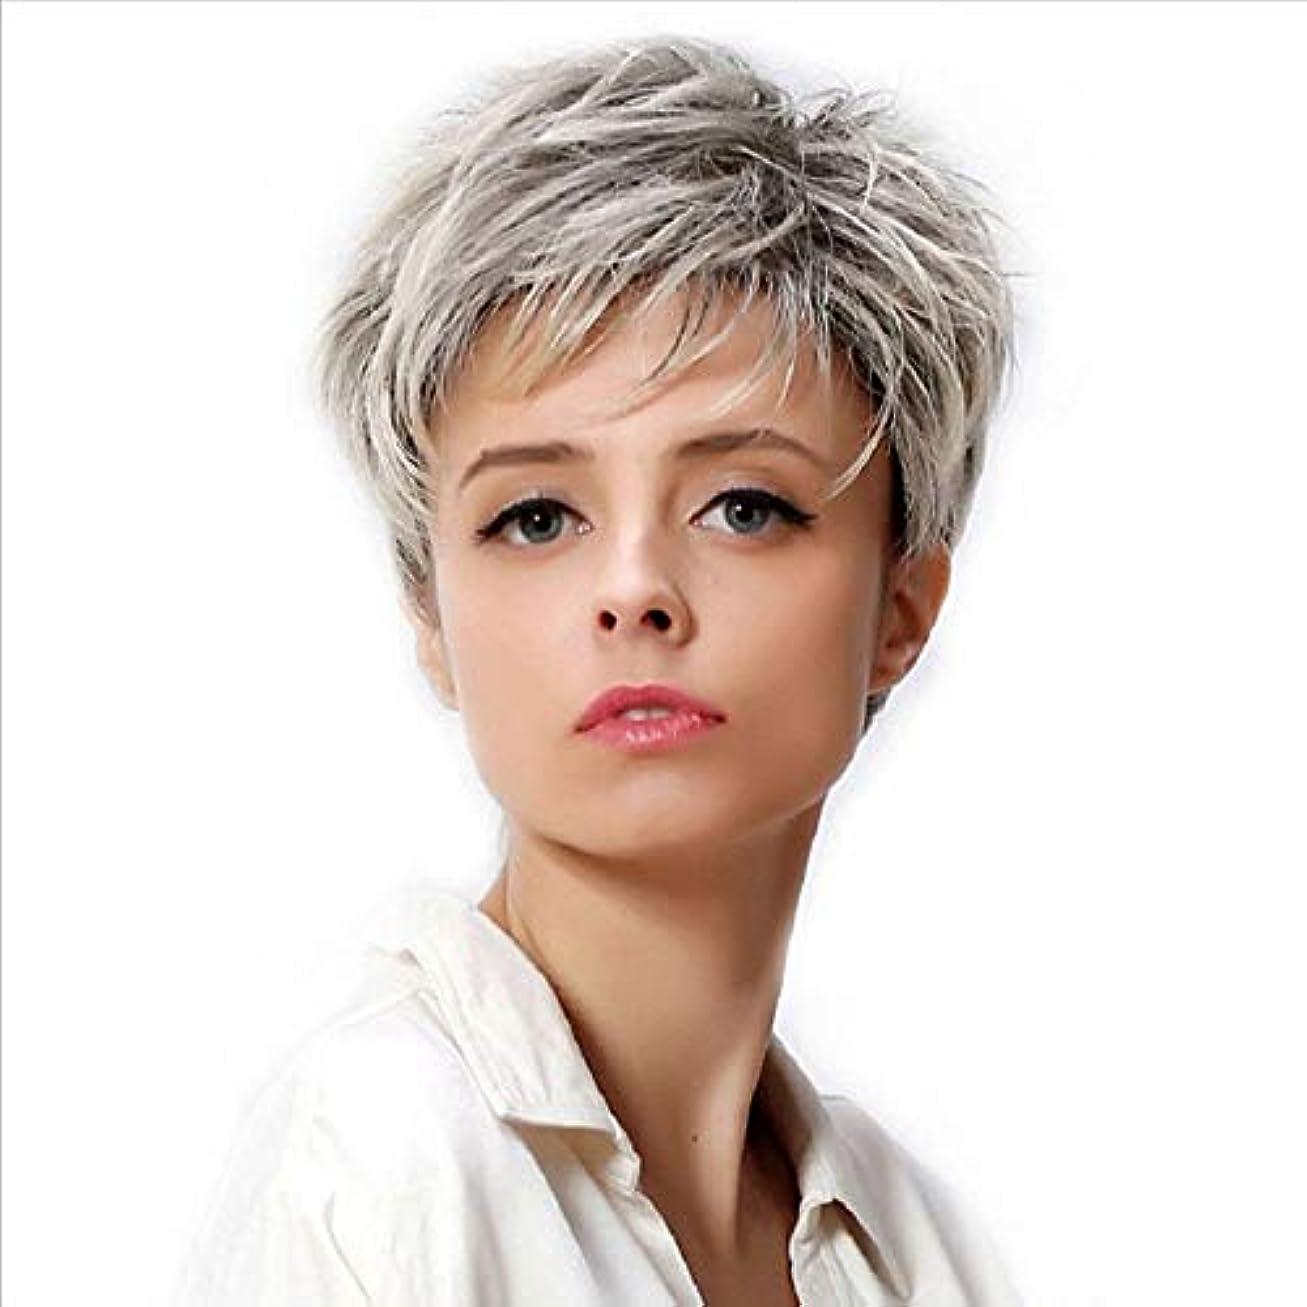 食物日不和WASAIO 女性の短い銀のかつらグレー合成繊維ふわふわ髪のかつら (色 : グレー)